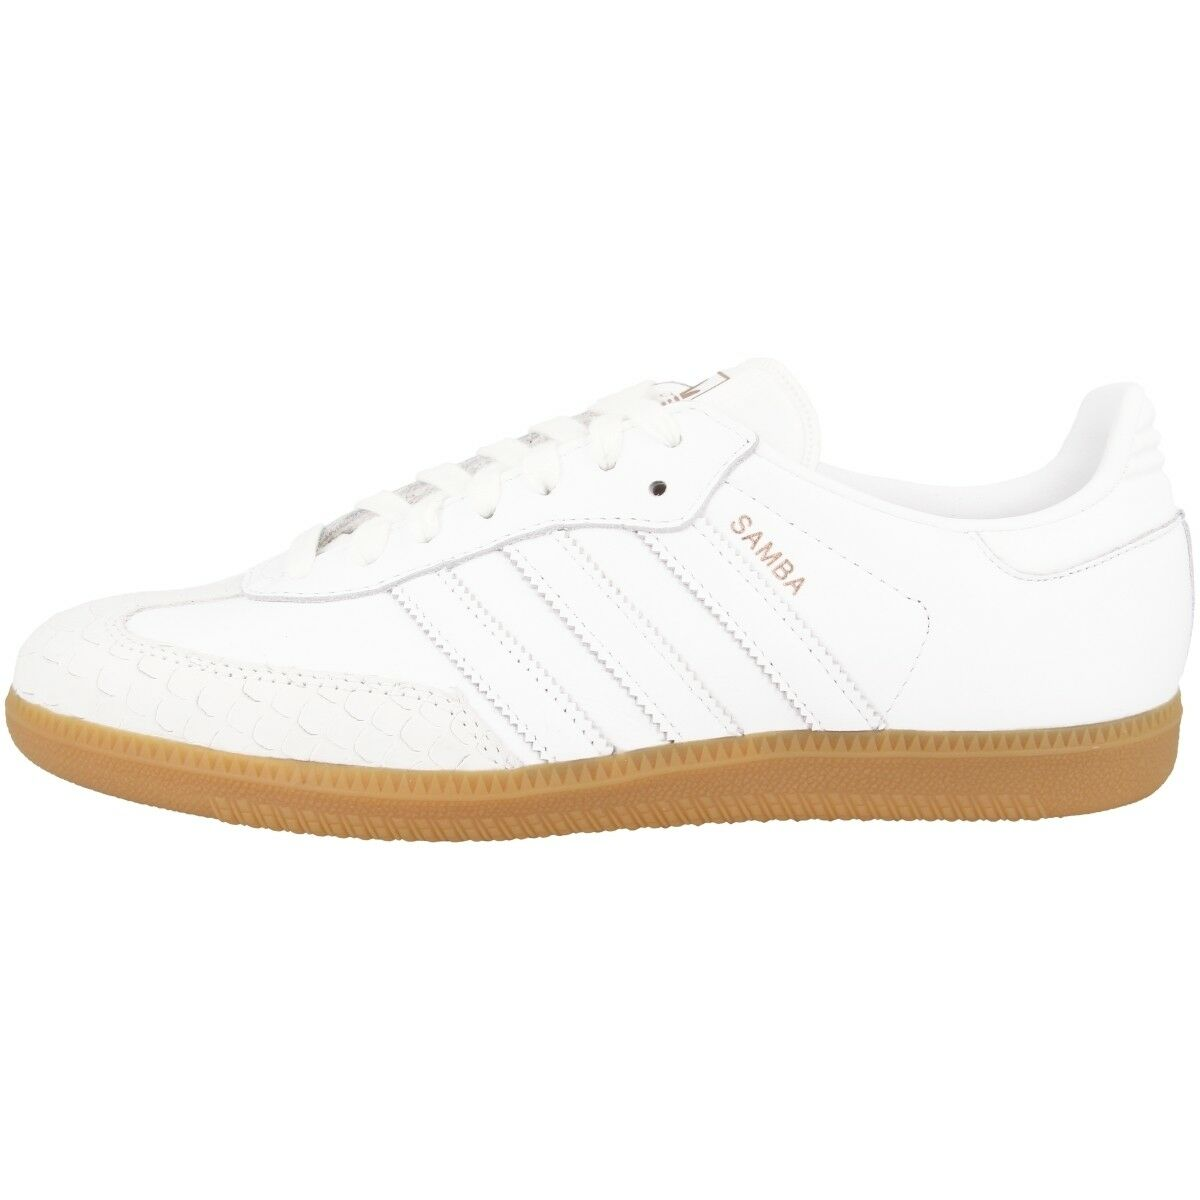 Adidas Samba Zapatillas de Mujer Damas Ocio Zapatos Cuero Blanco cq2640 Fútbol